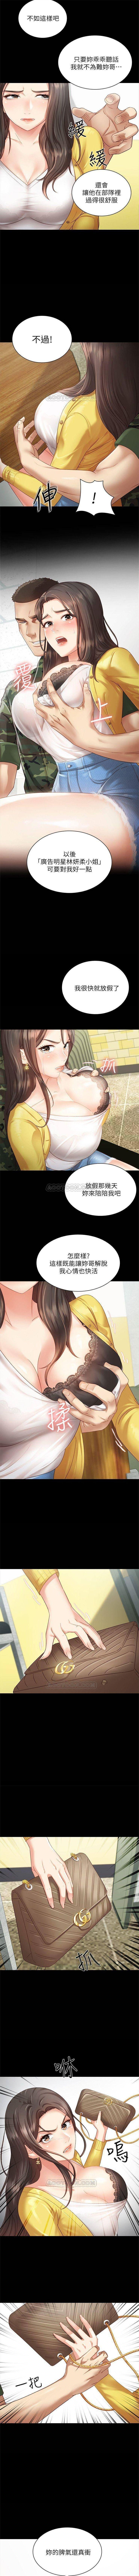 妹妹的義務 1-37 官方中文(連載中) 21